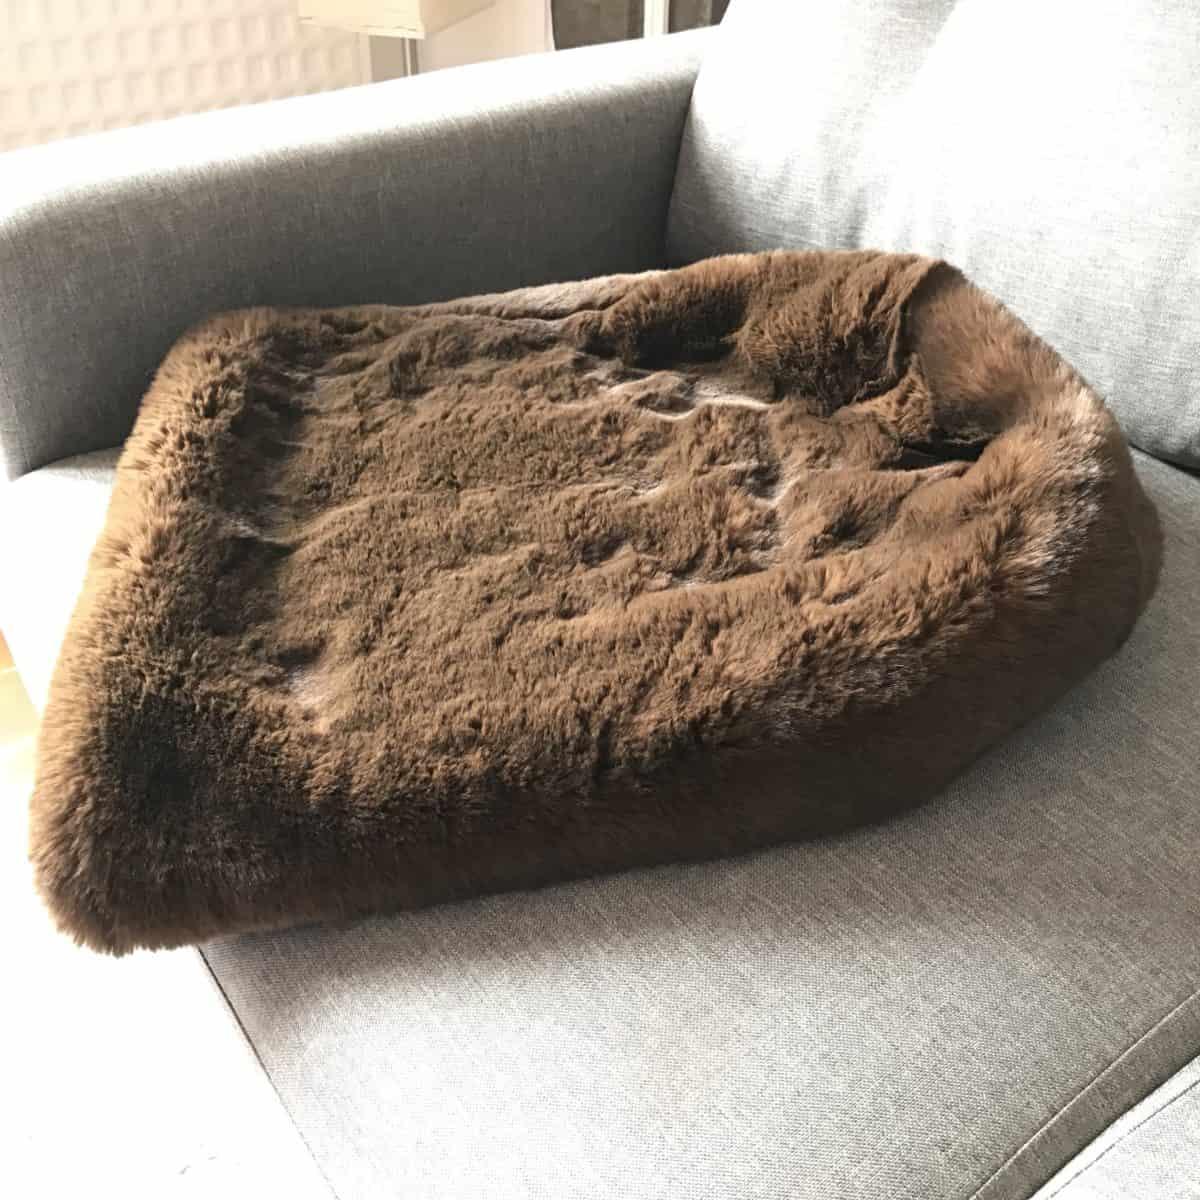 Pooch Sac Luxury Faux Fur Dog Sleeping 3 In 1 Bag Brown